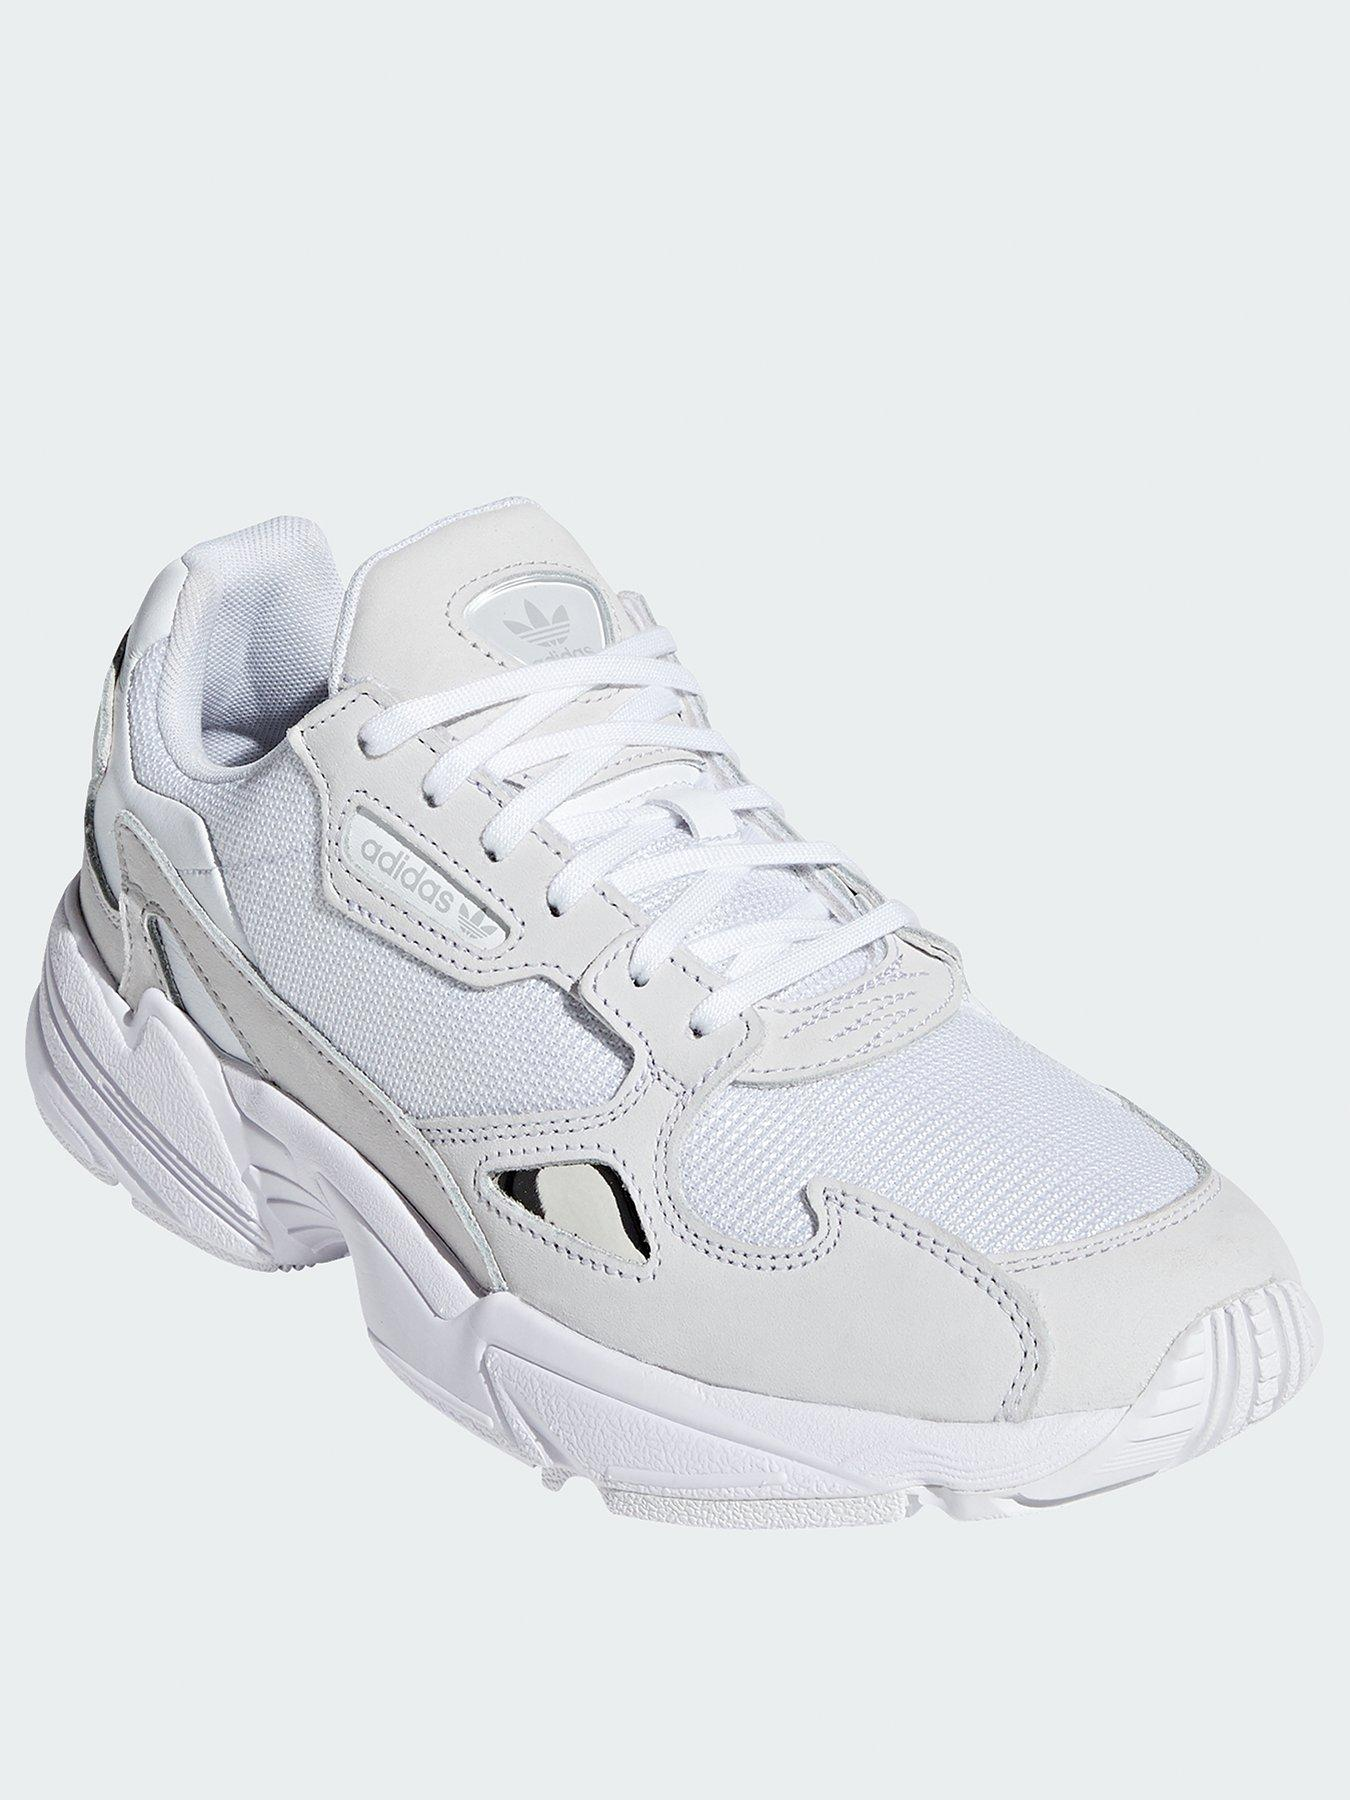 adidas Originals Falcon - White   very